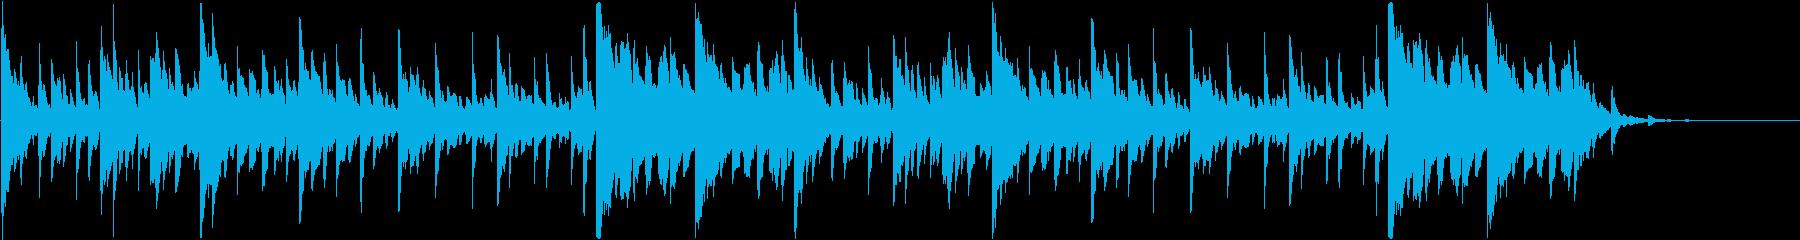 透明感のあるスロー映像・ピアノ・ループの再生済みの波形